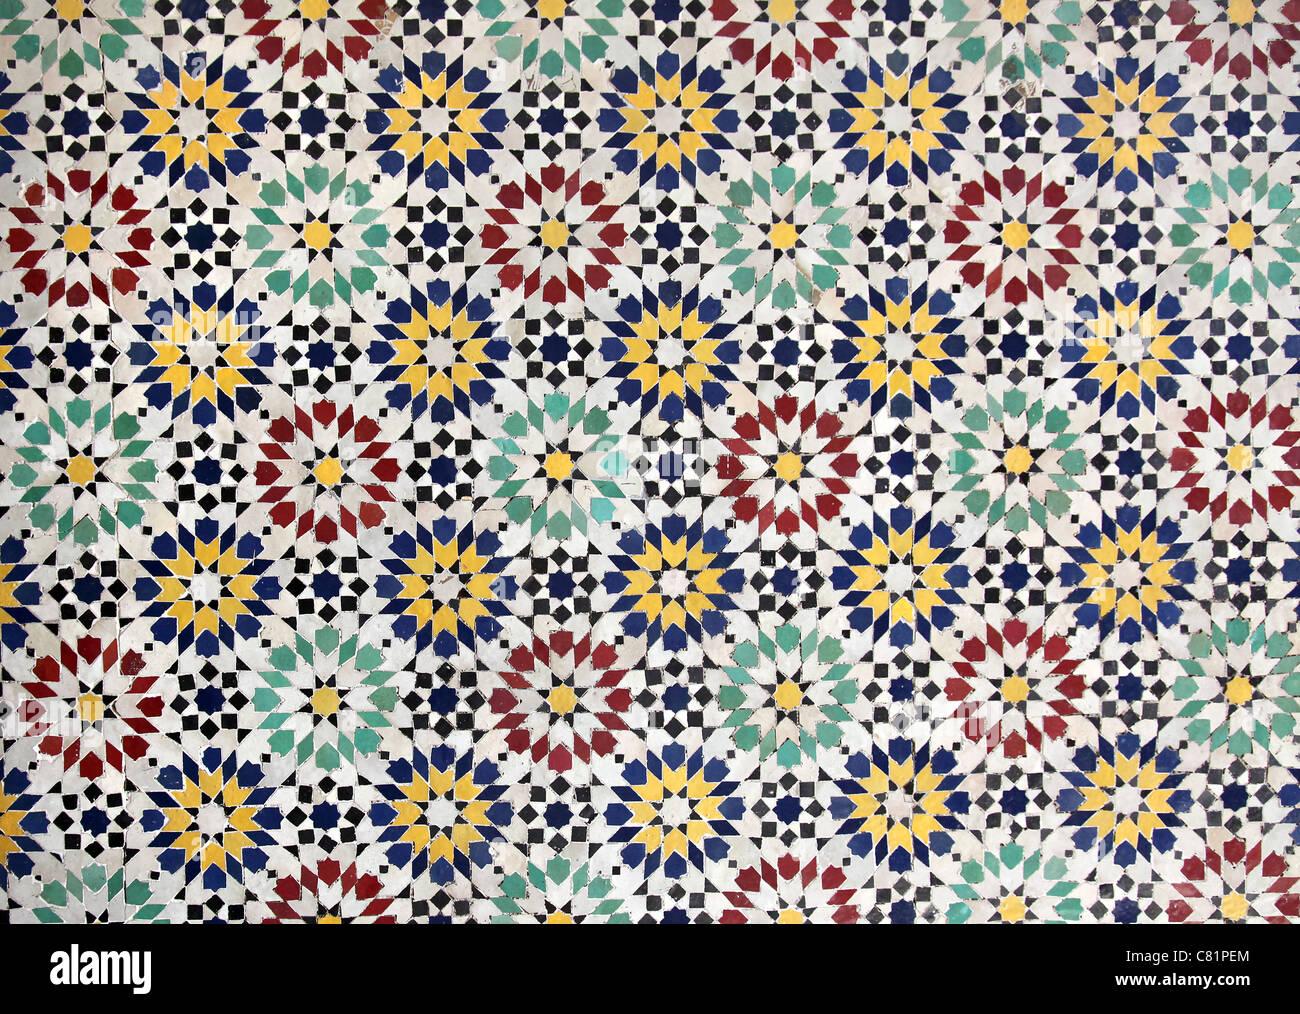 Marocchina di piastrelle di ceramica foto immagine stock